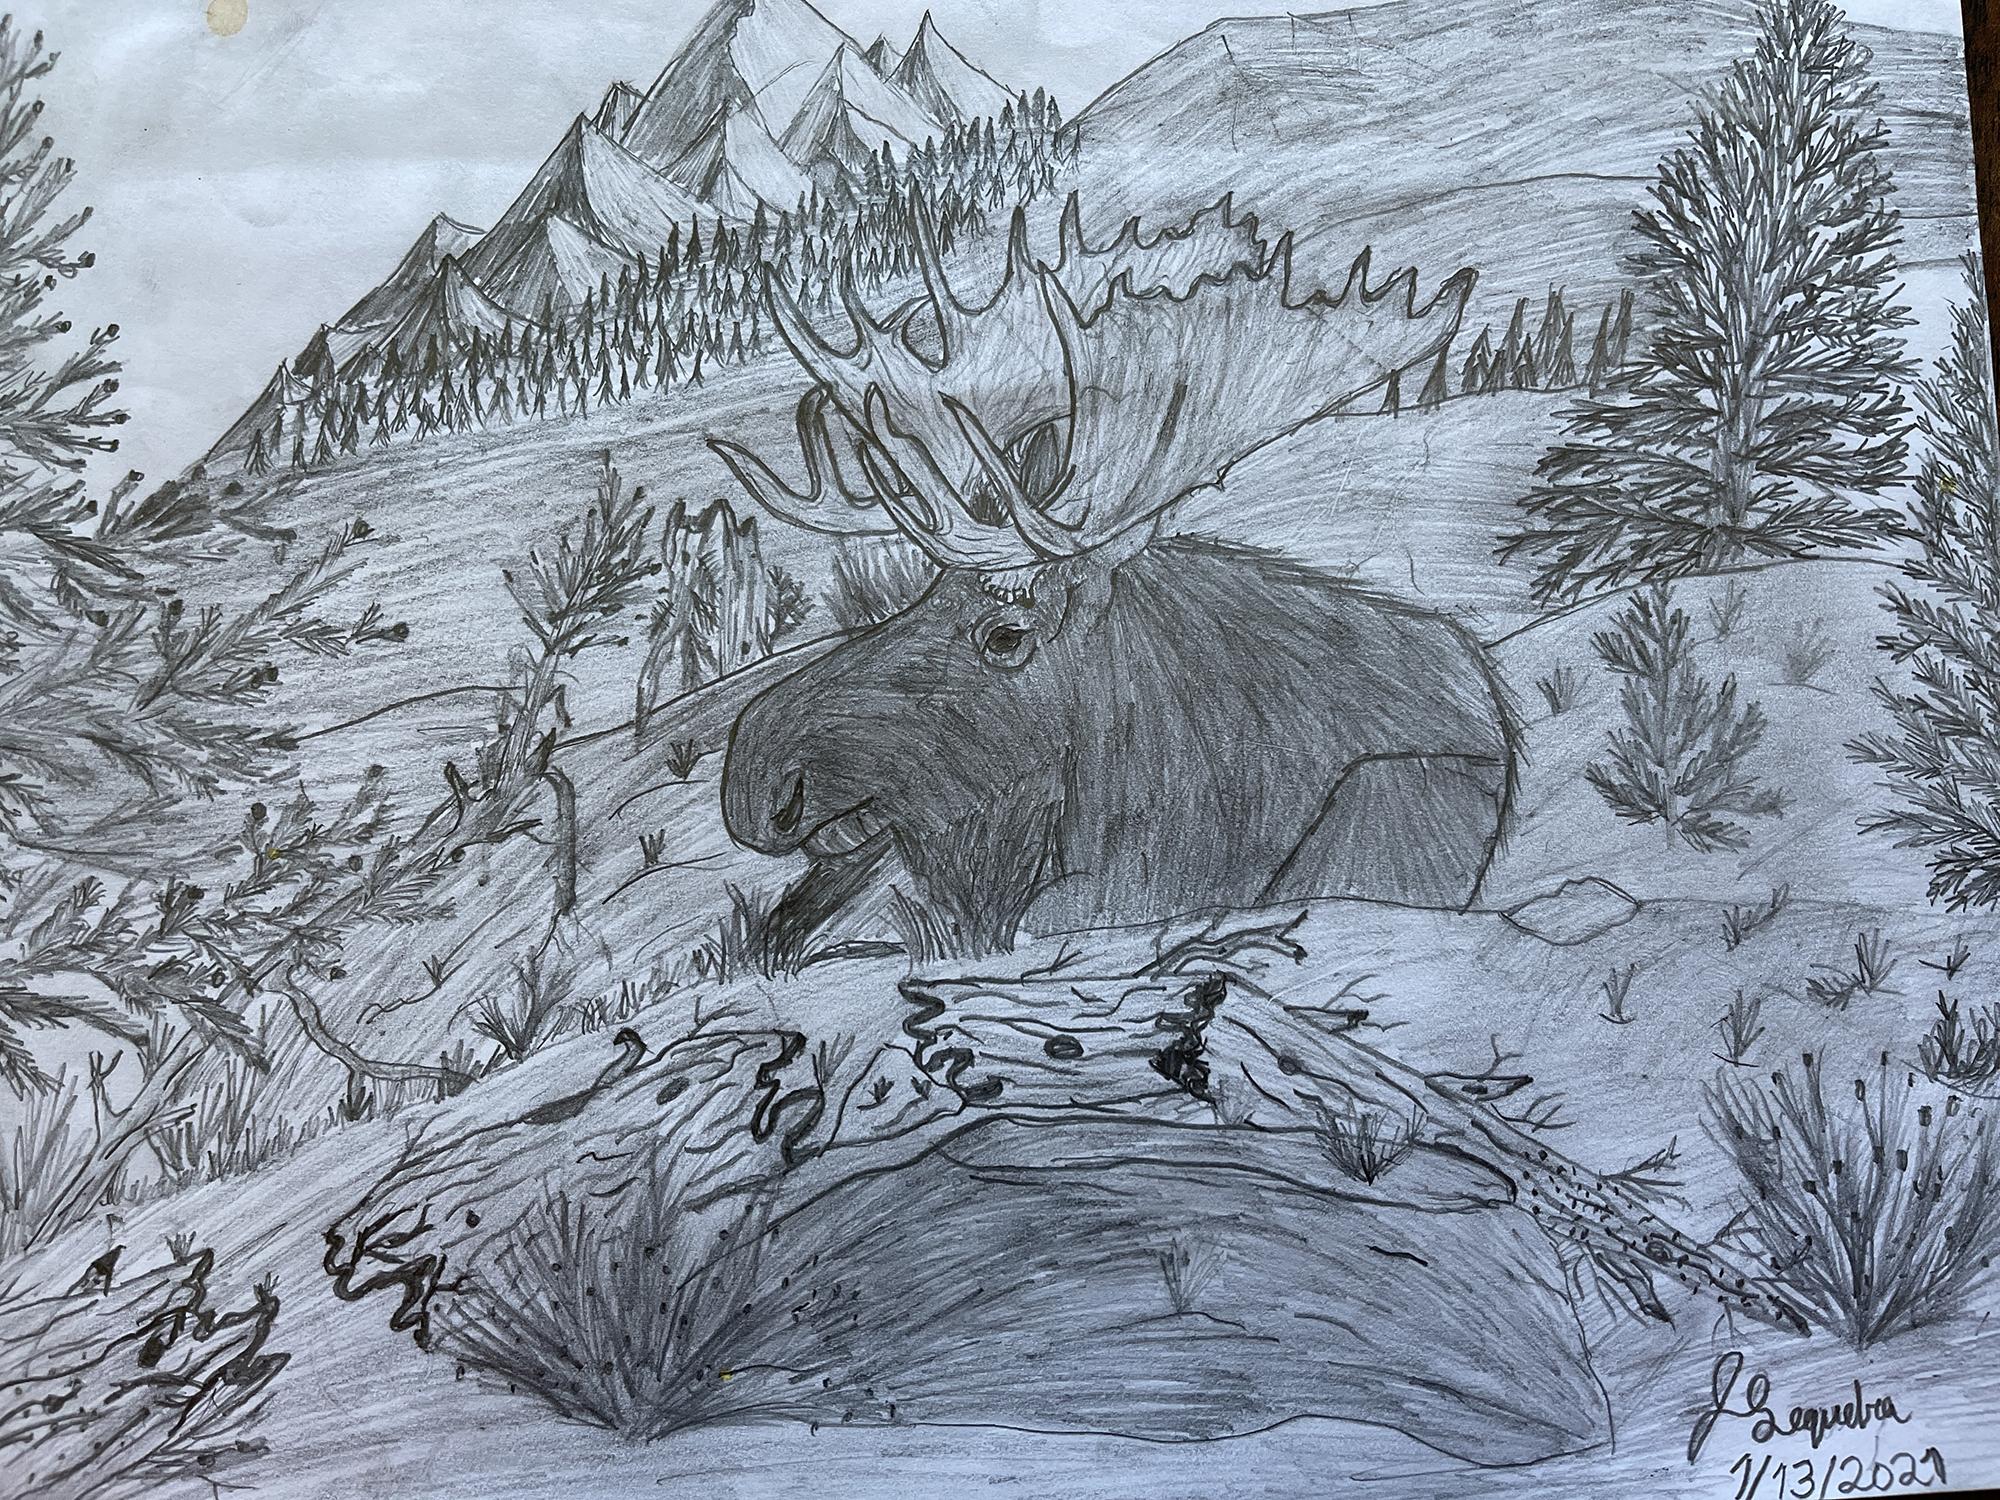 1st. Jack Sequeira, Animal Landscape Drawing